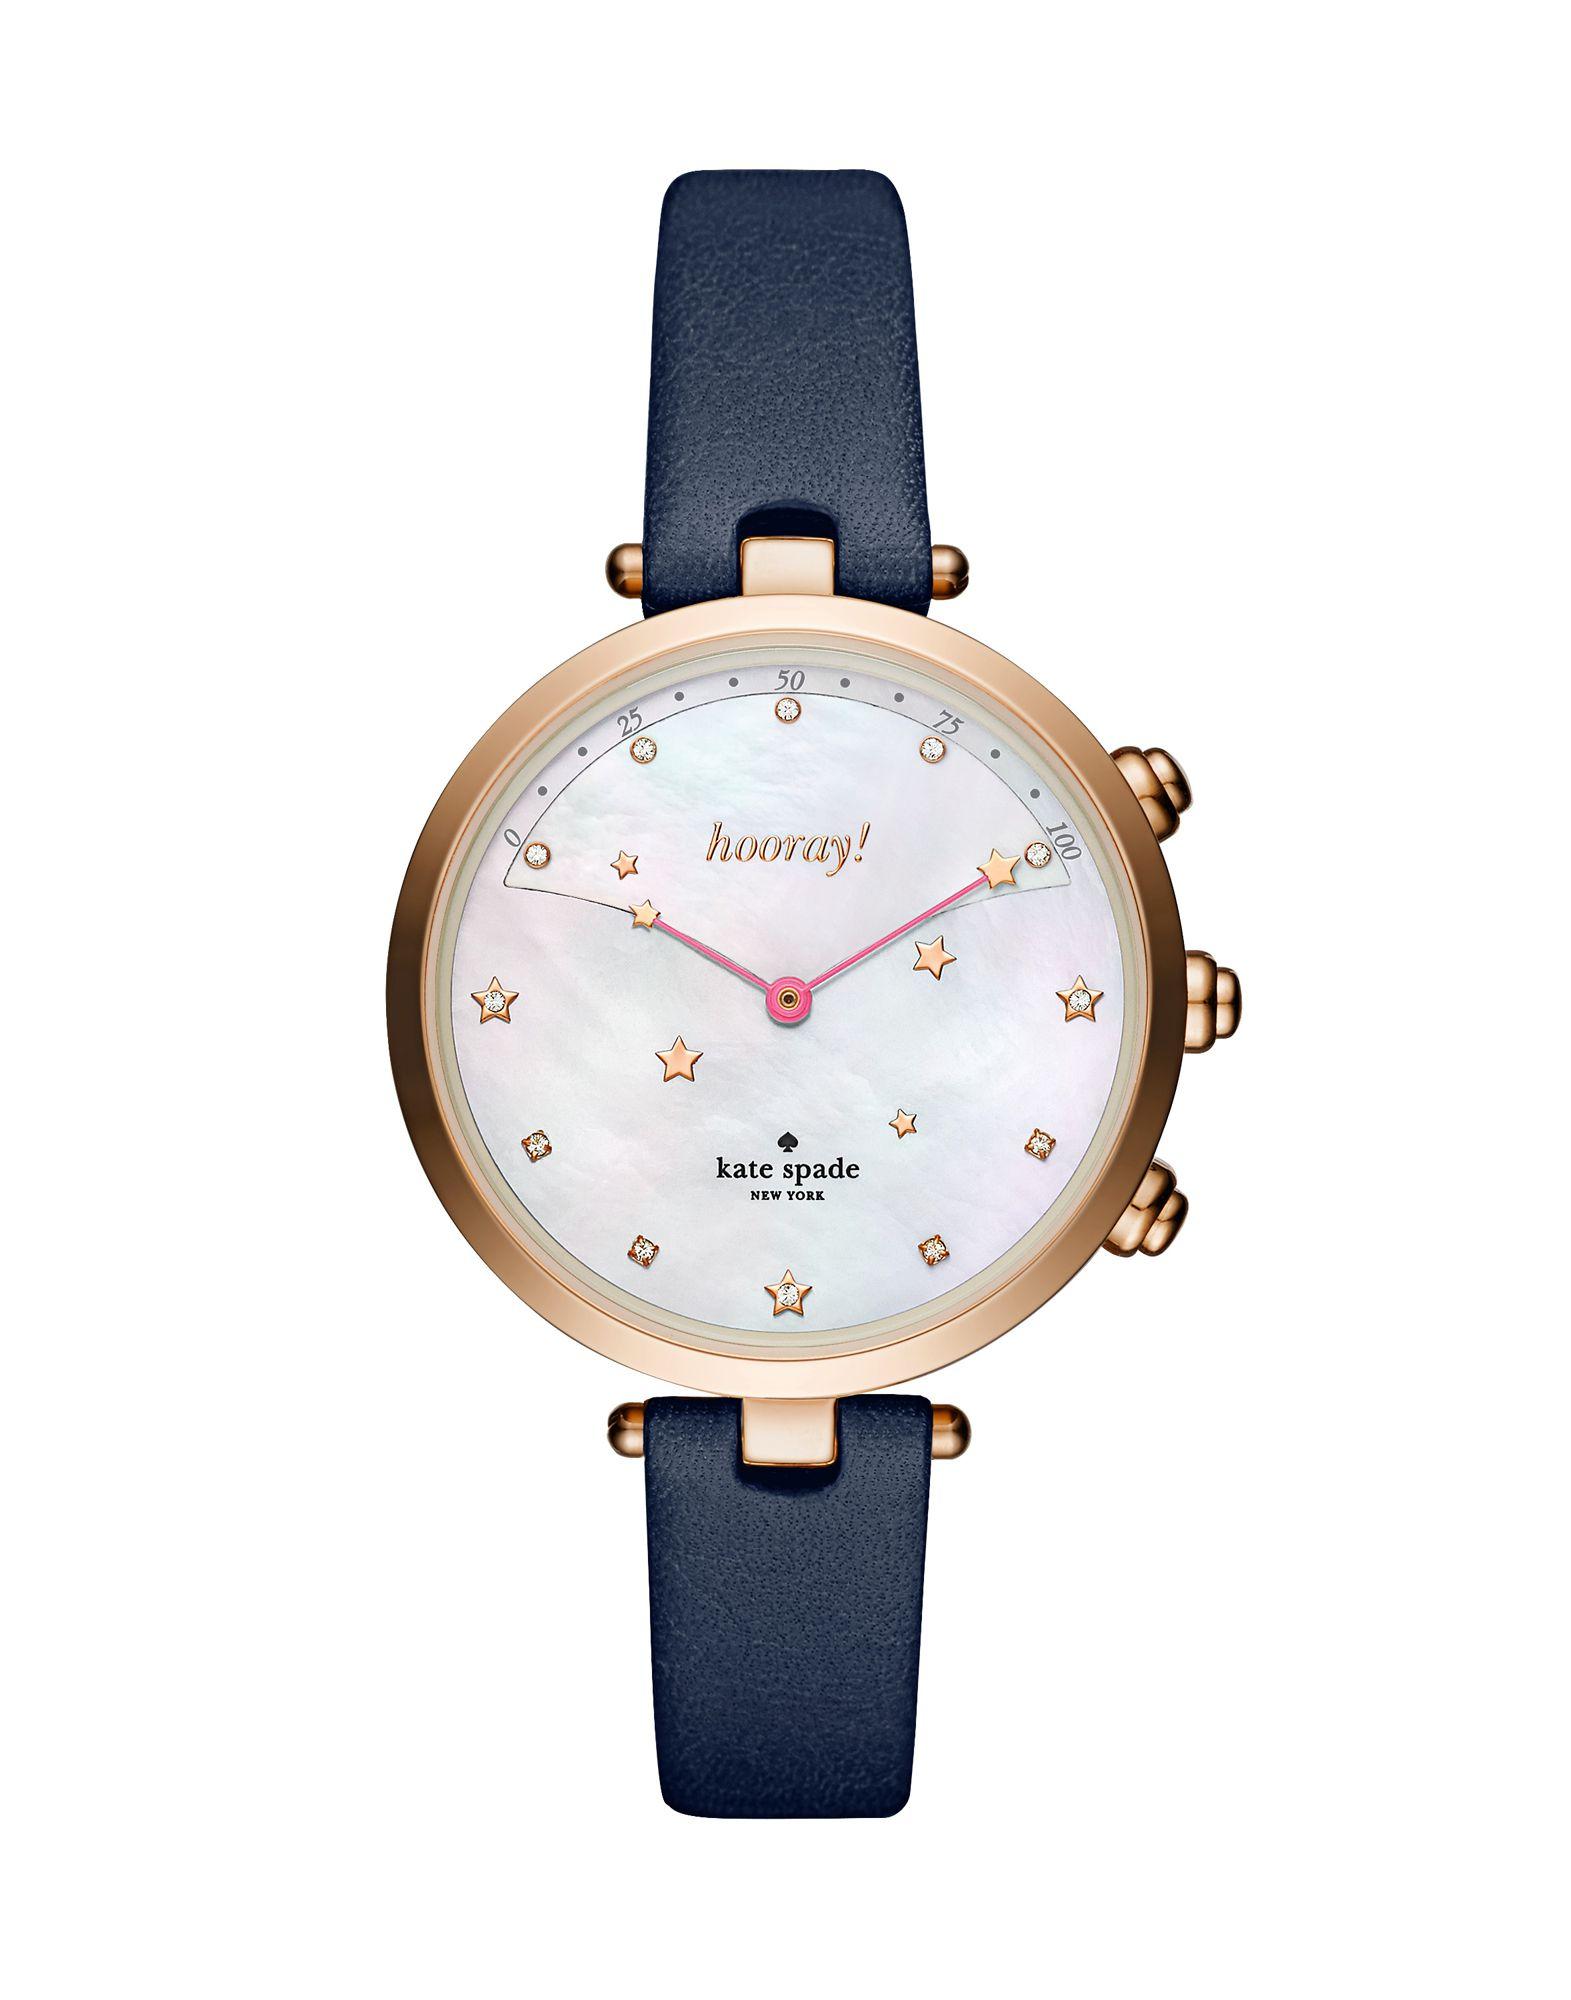 KATE SPADE New York Damen Smartwatch Farbe Weiß Größe 1 - broschei